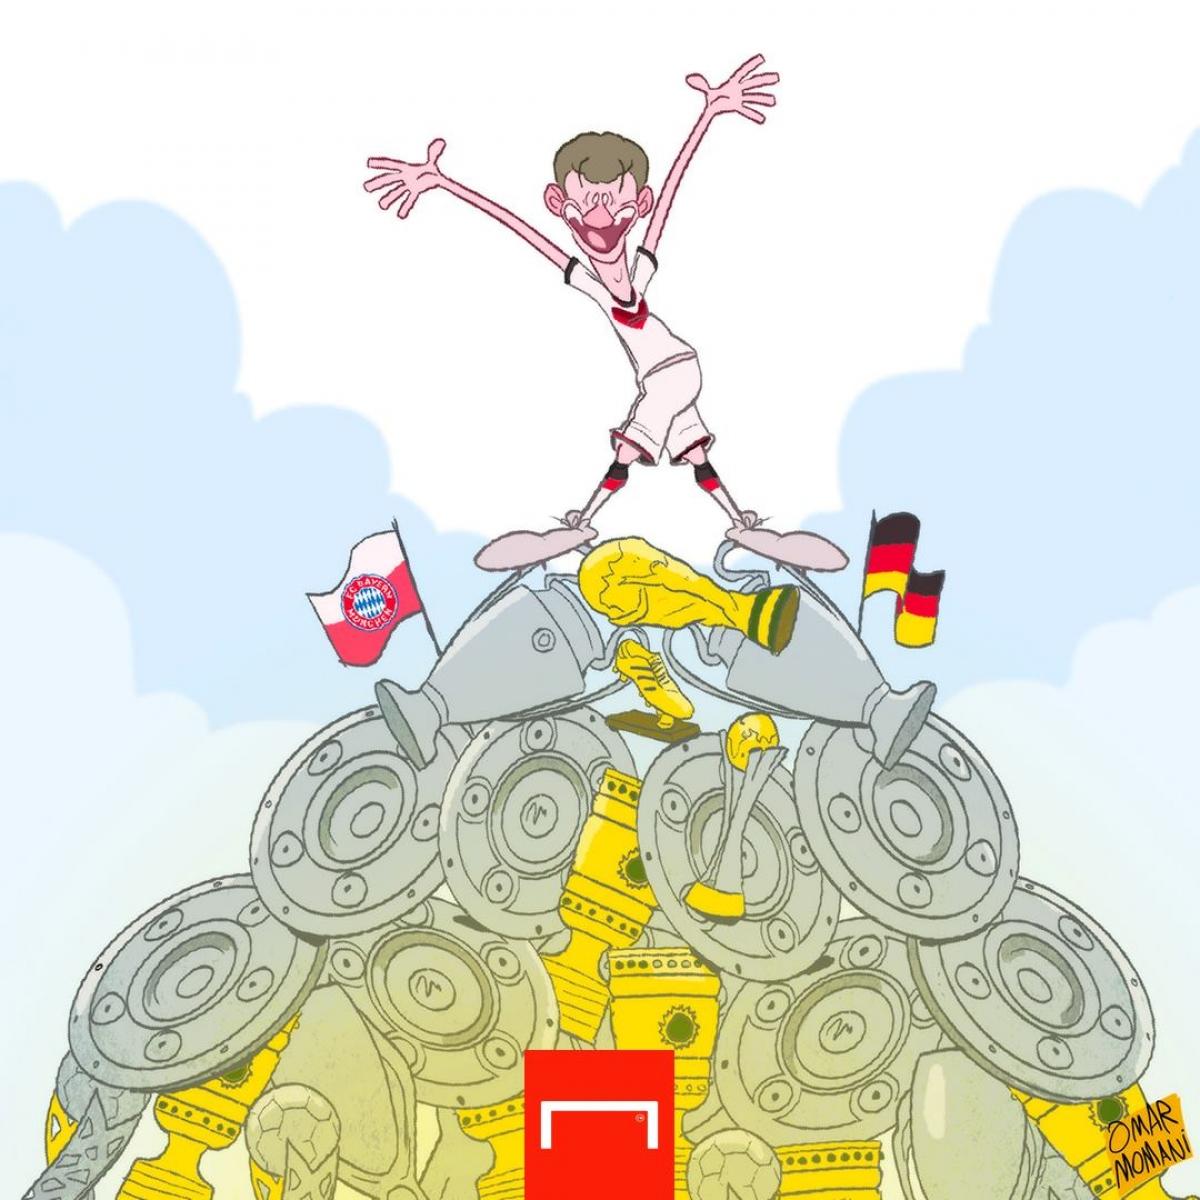 Bộ sưu tập danh hiệu của Thomas Muller. (Ảnh: Omar Momani)